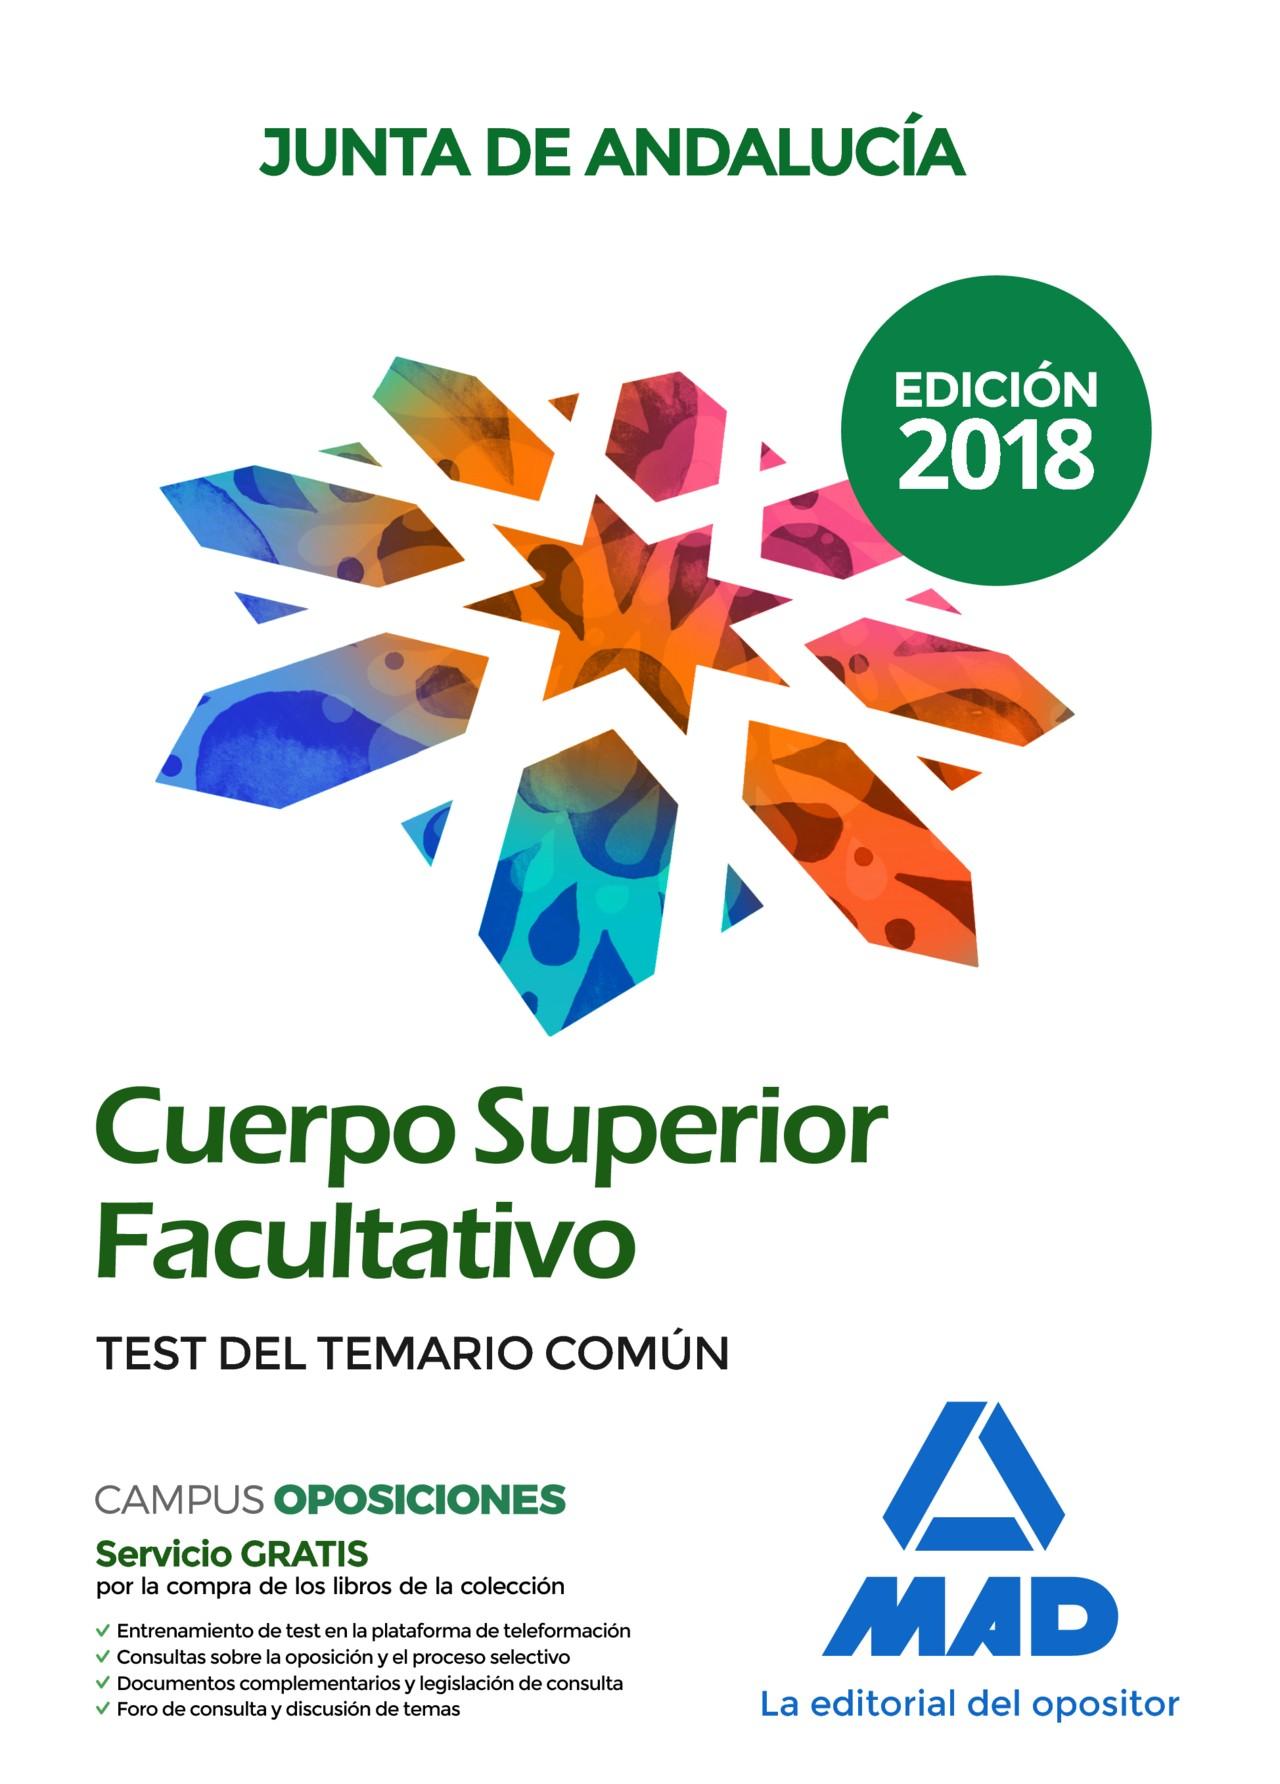 Cuerpo Superior Facultativo de la Junta de Andalucía